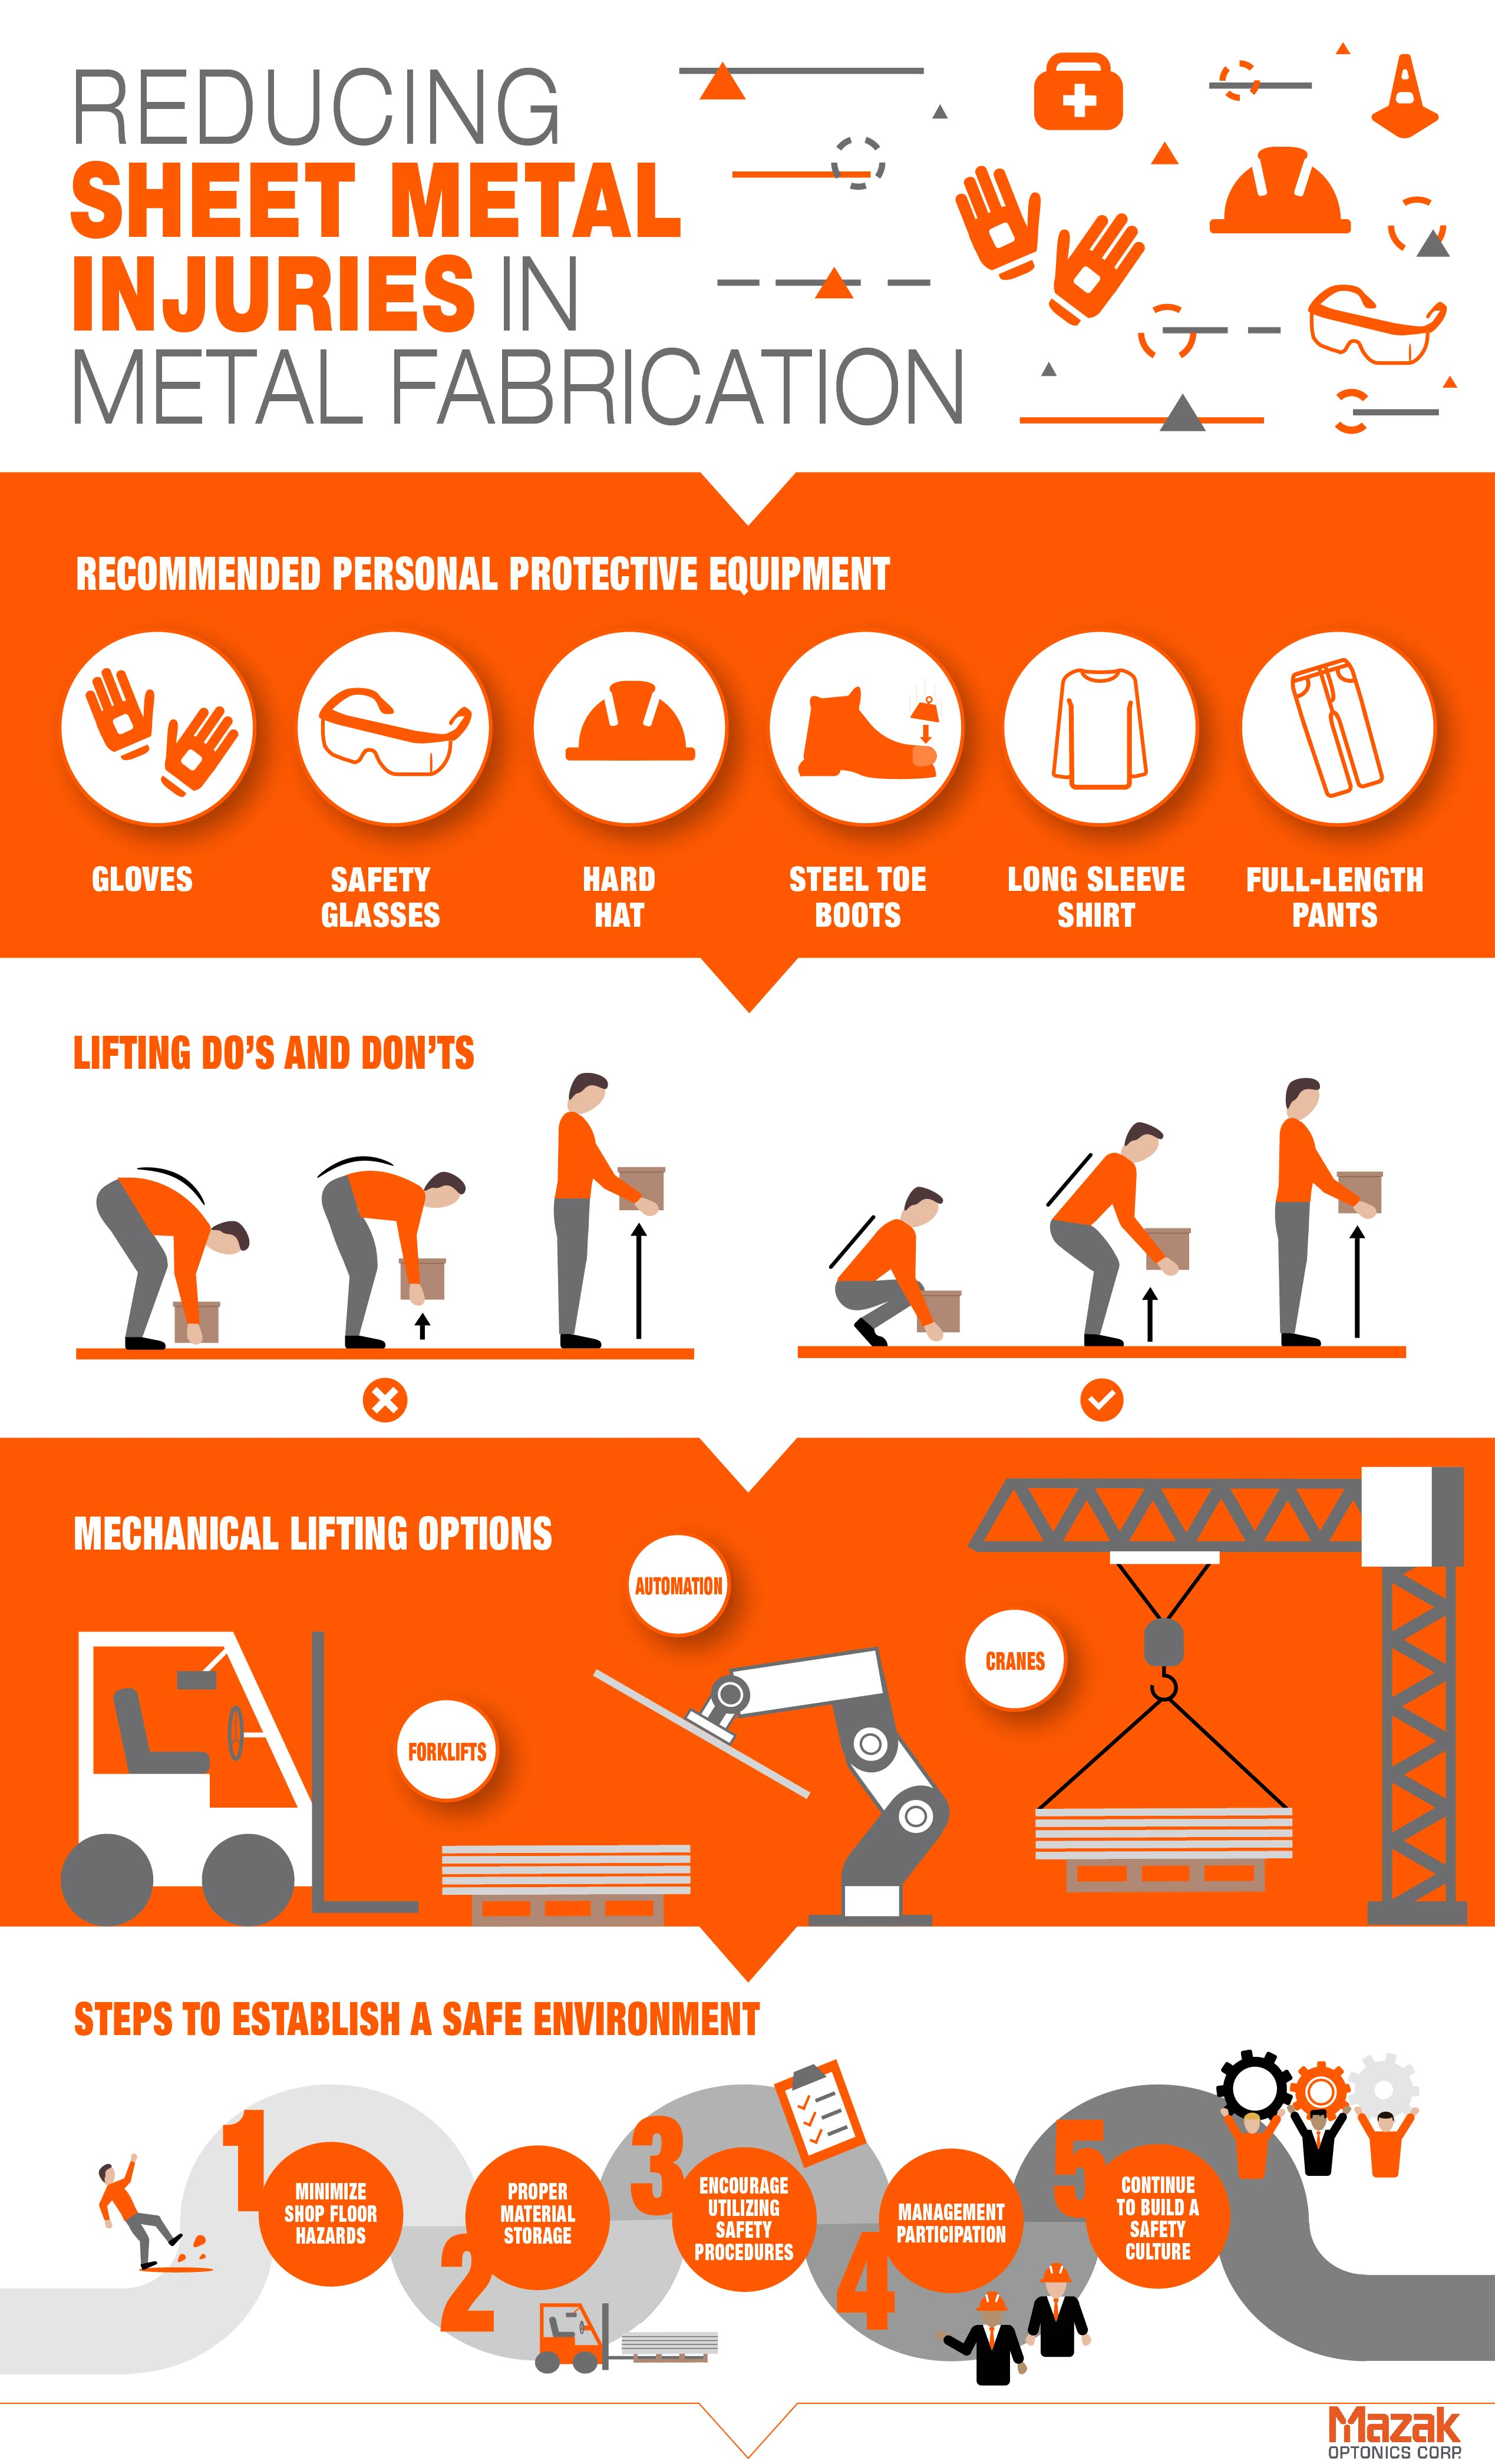 Reducing Sheet Metal Injuries In Metal Fabrication